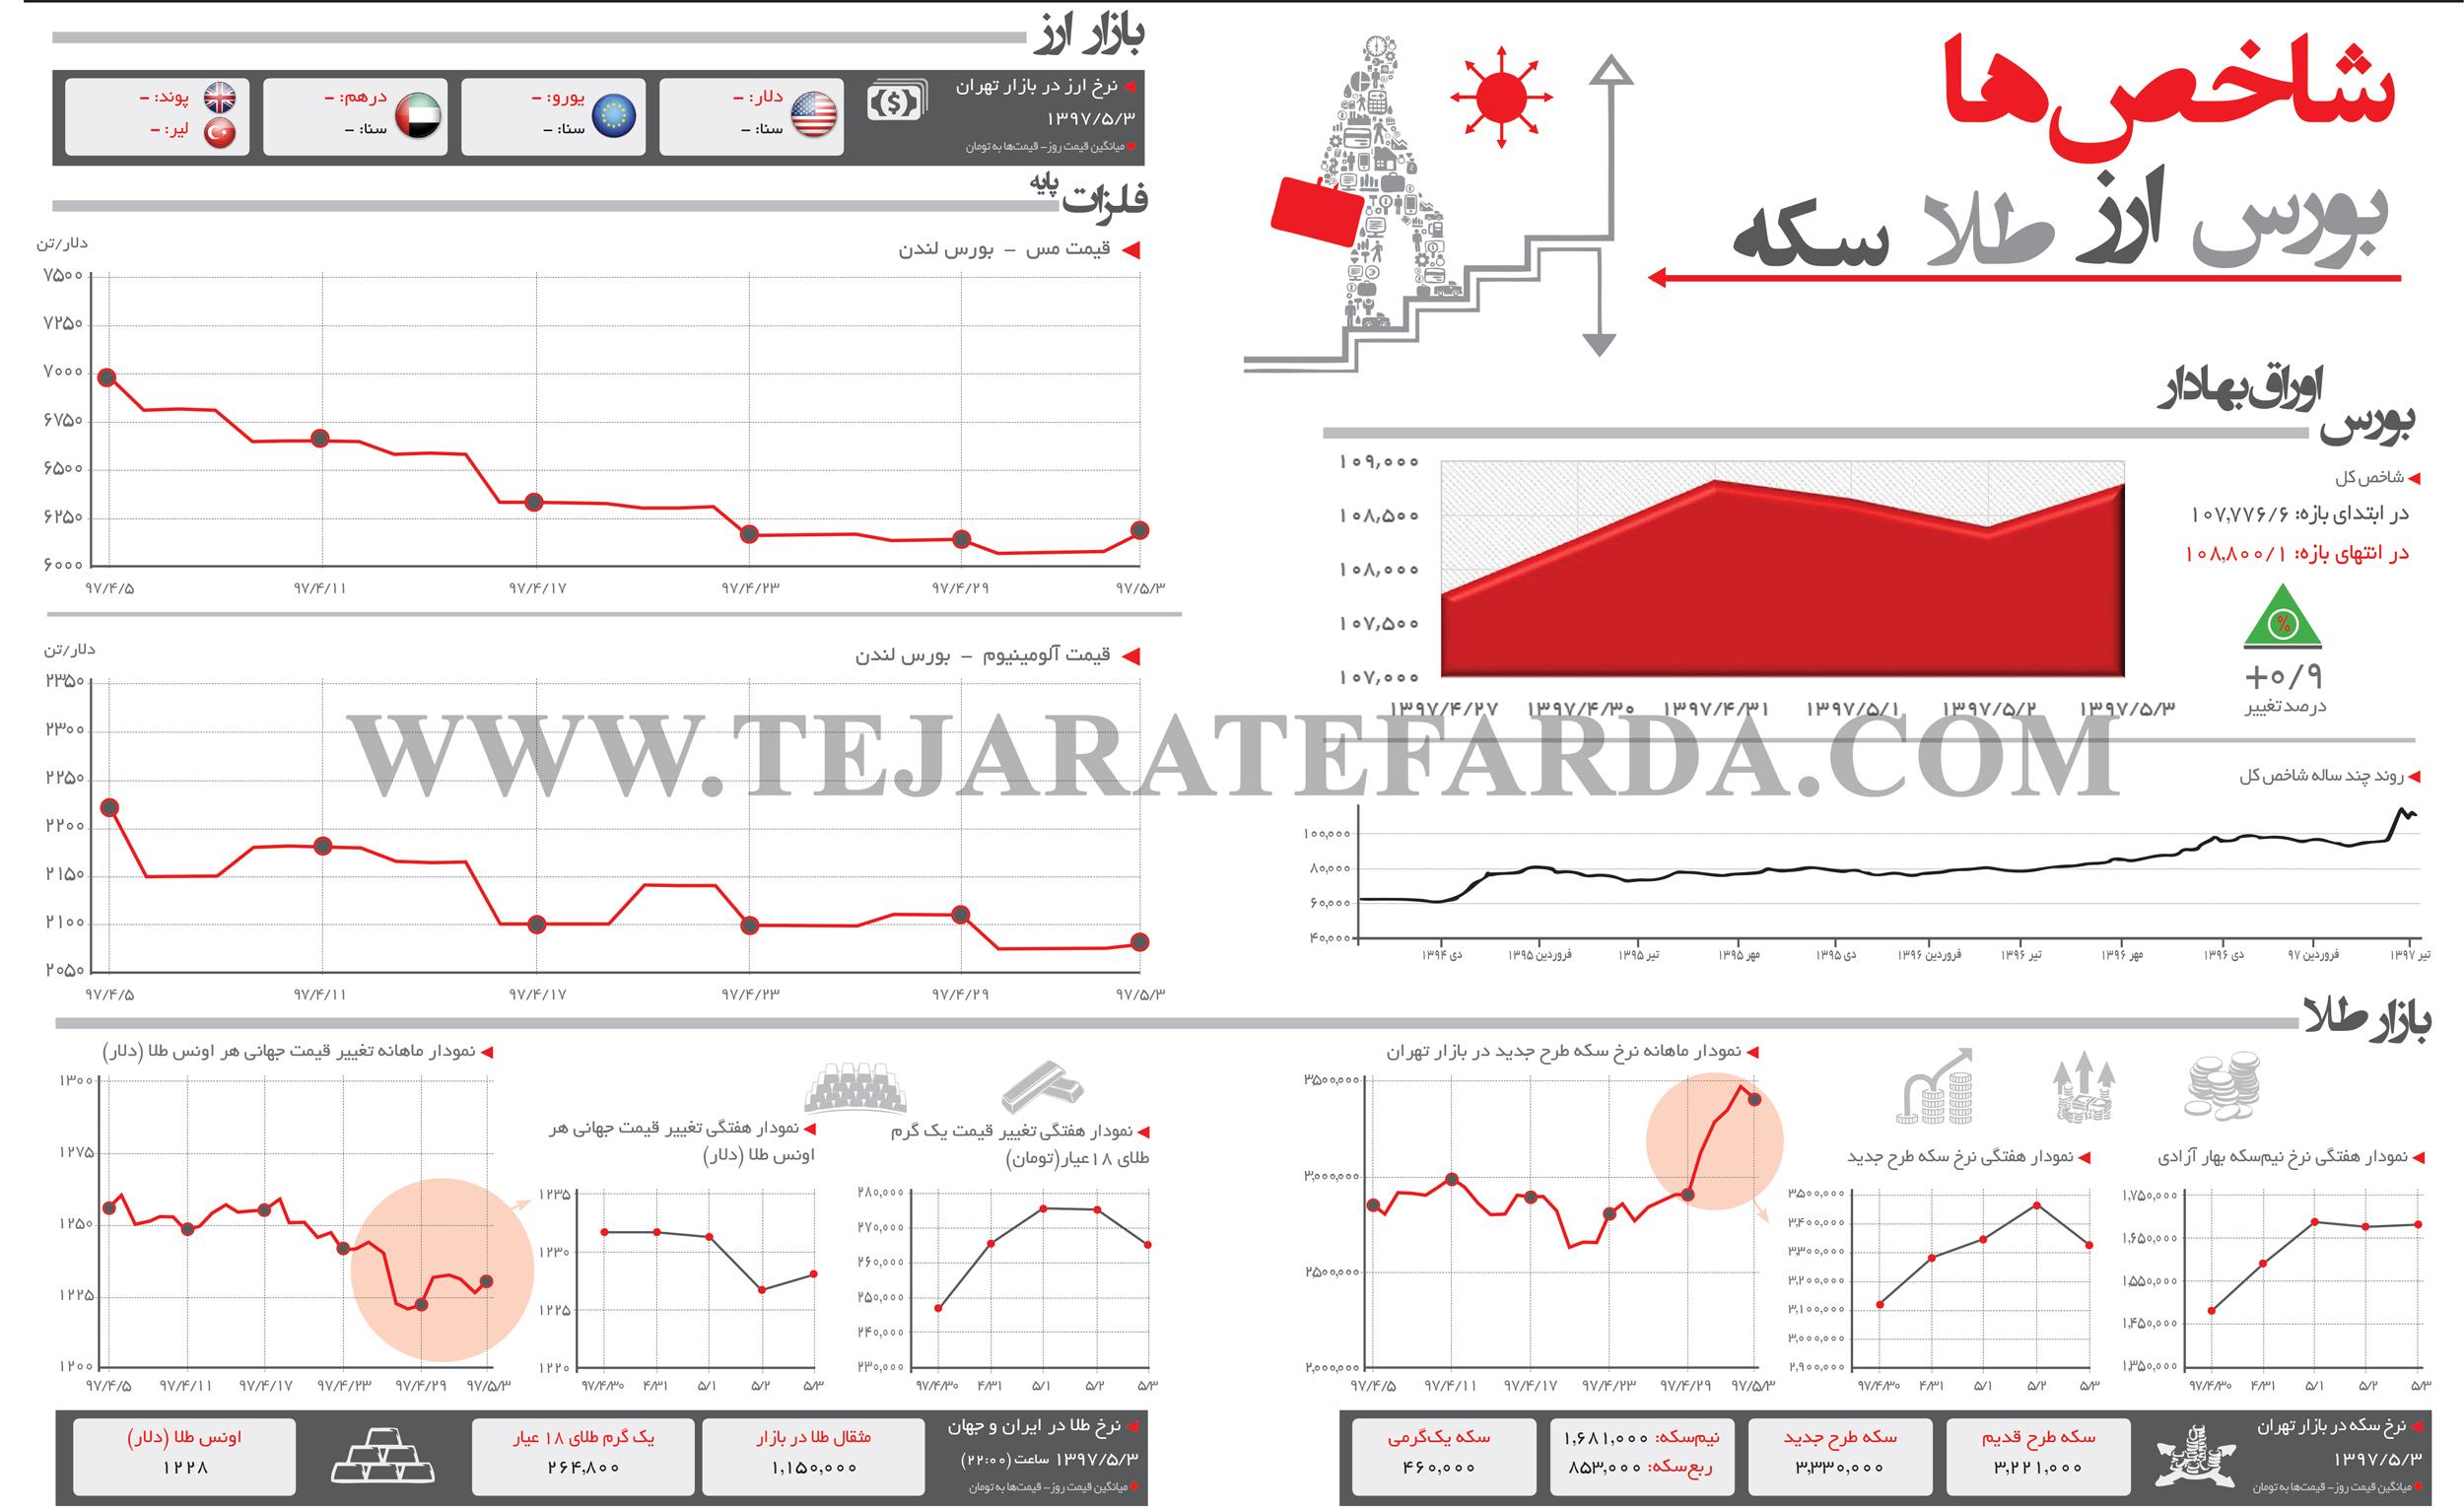 تجارت فردا- اینفوگرافیک- شاخصهای اقتصادی (278)